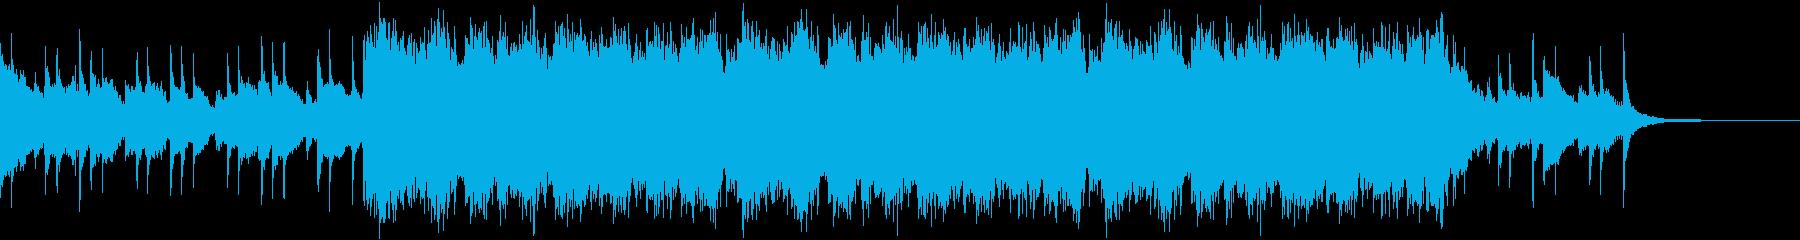 ゲーム用BGM(アジア民族楽器)の再生済みの波形